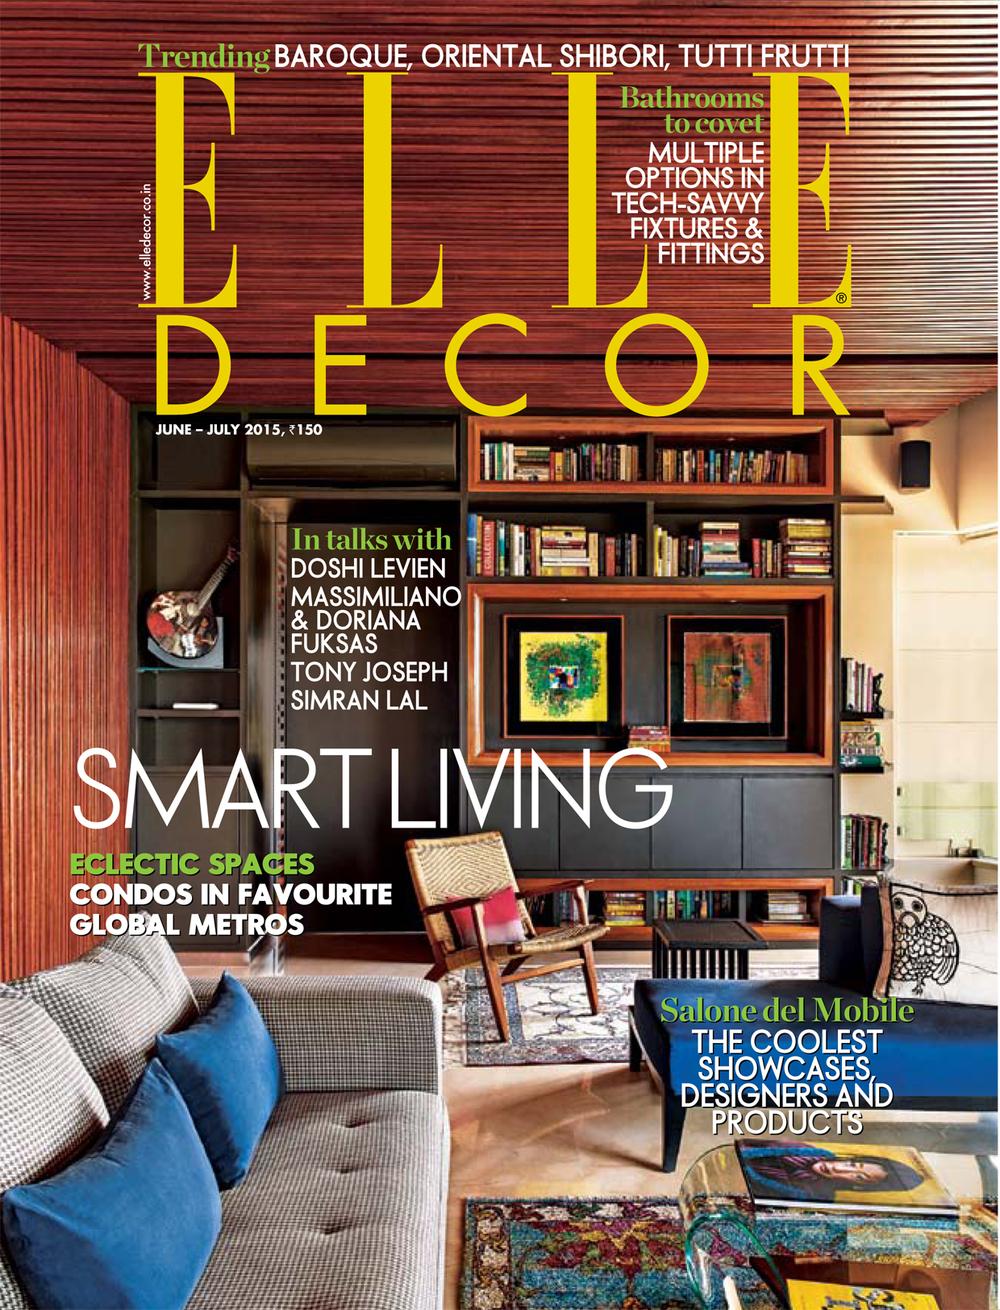 © ghislaine viñas interior design-elle-decor_cover_6-7-2015.jpg